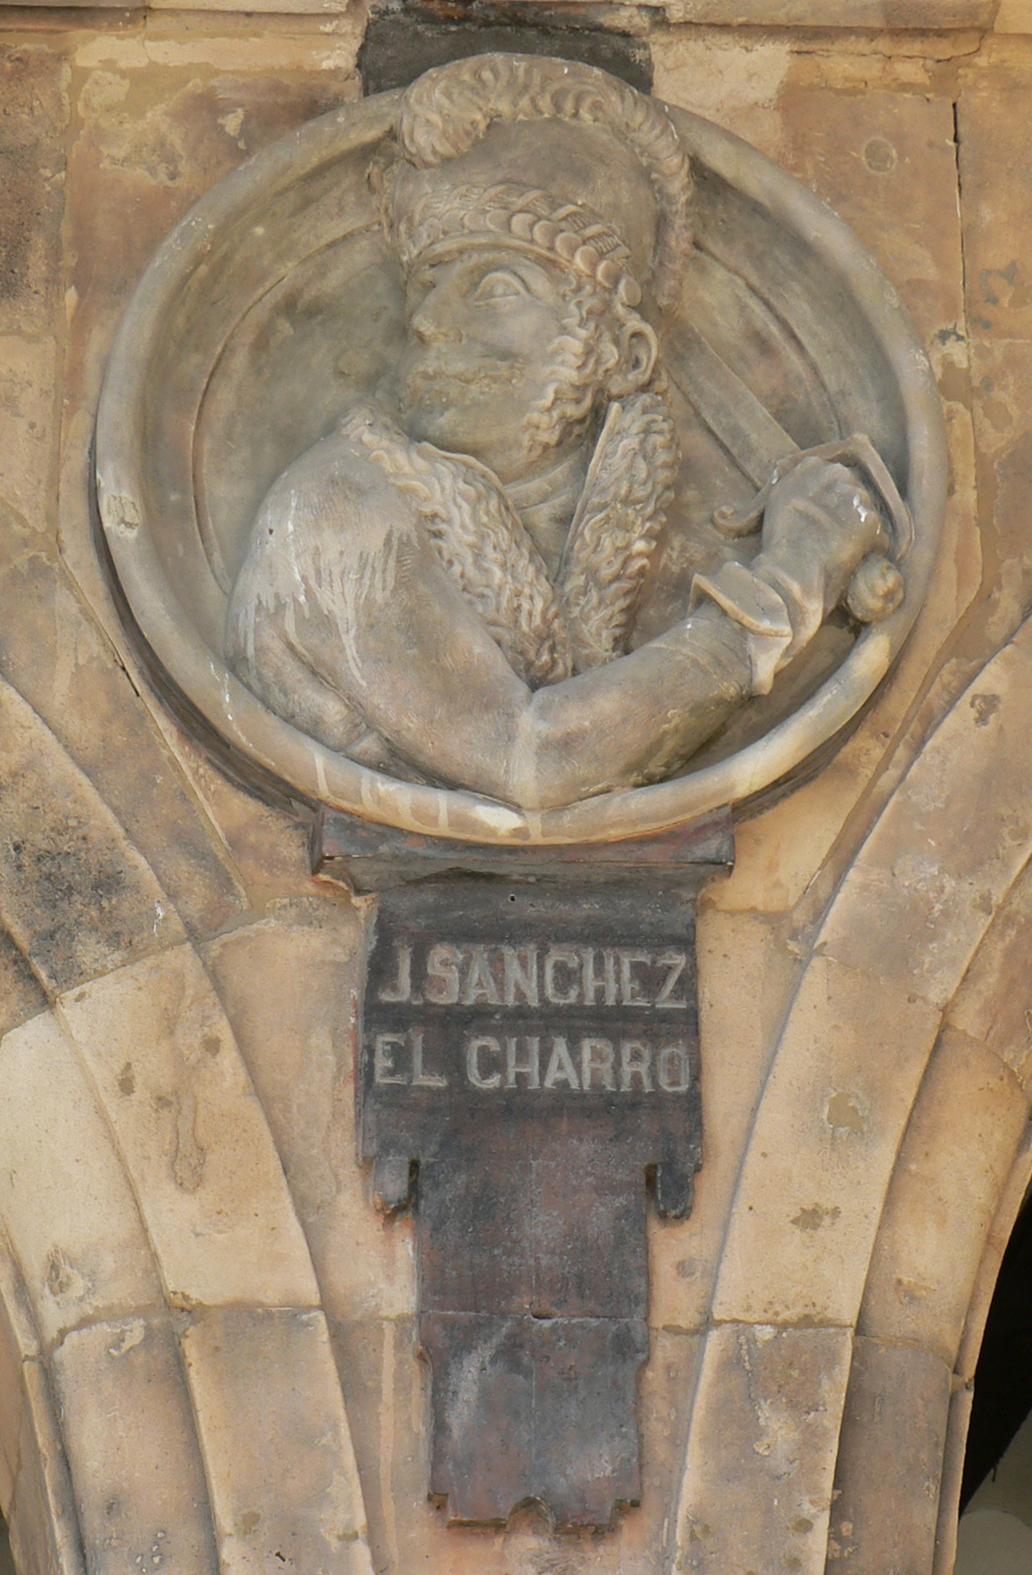 Pabellón Petrineros medallón 20 Julián Sanchez El Charro.JPG